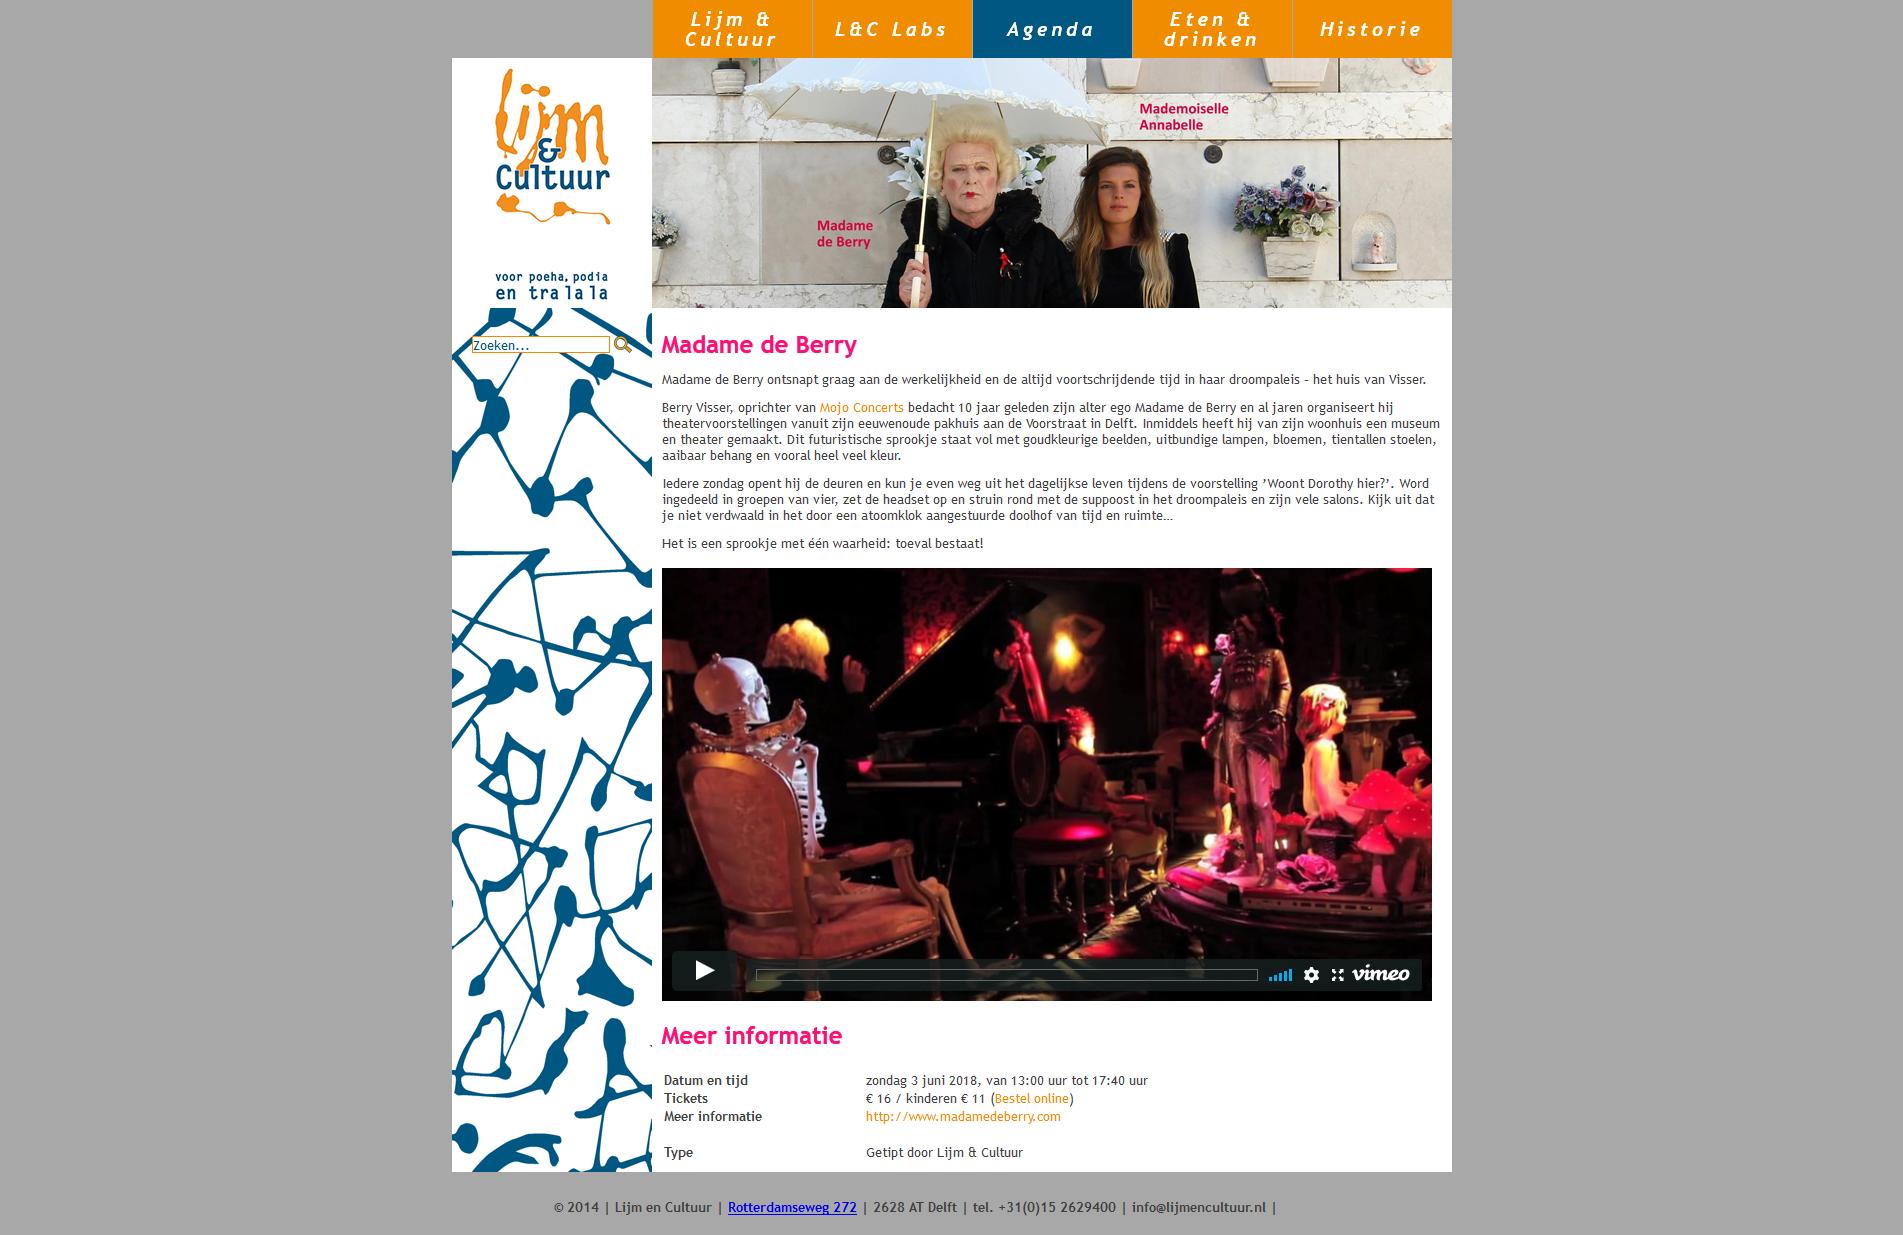 Activiteitpagina op de website van Lijm & Cultuur